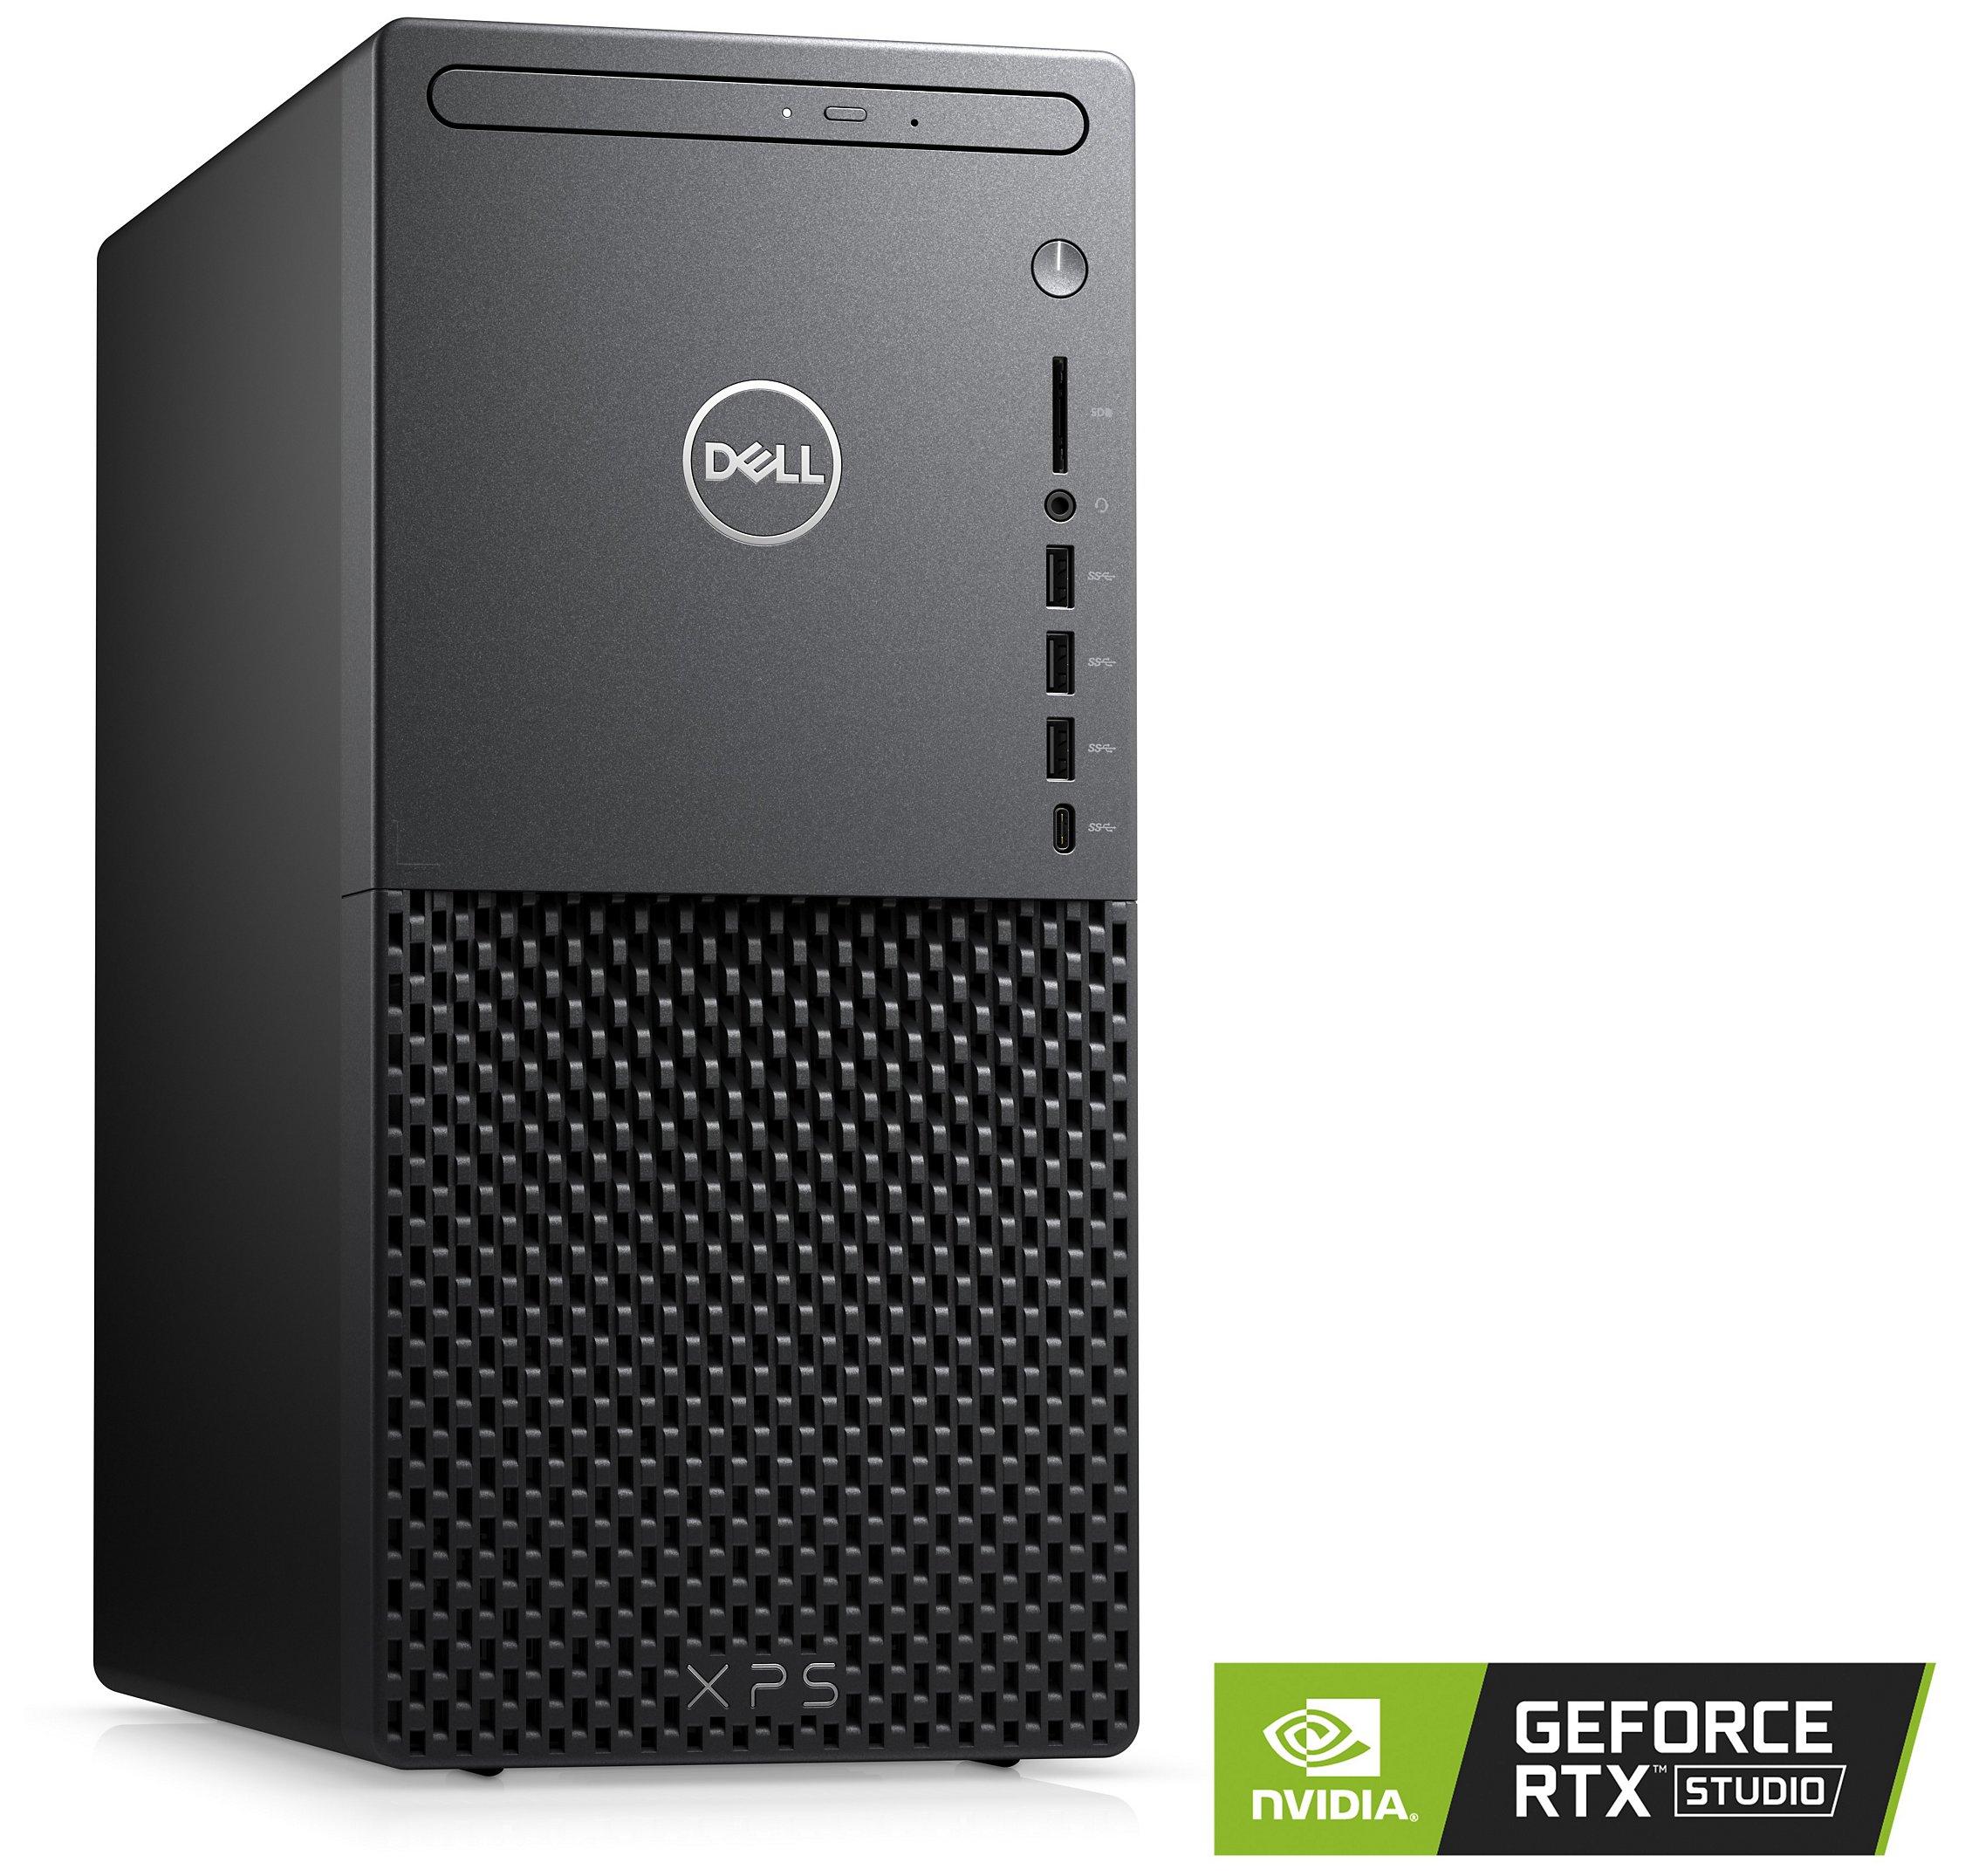 PC Fixe Dell Nouveau XPS Tour - i5-11400, 8 Go RAM, 256 Go SSD, GTX 1650 Super, Windows 10